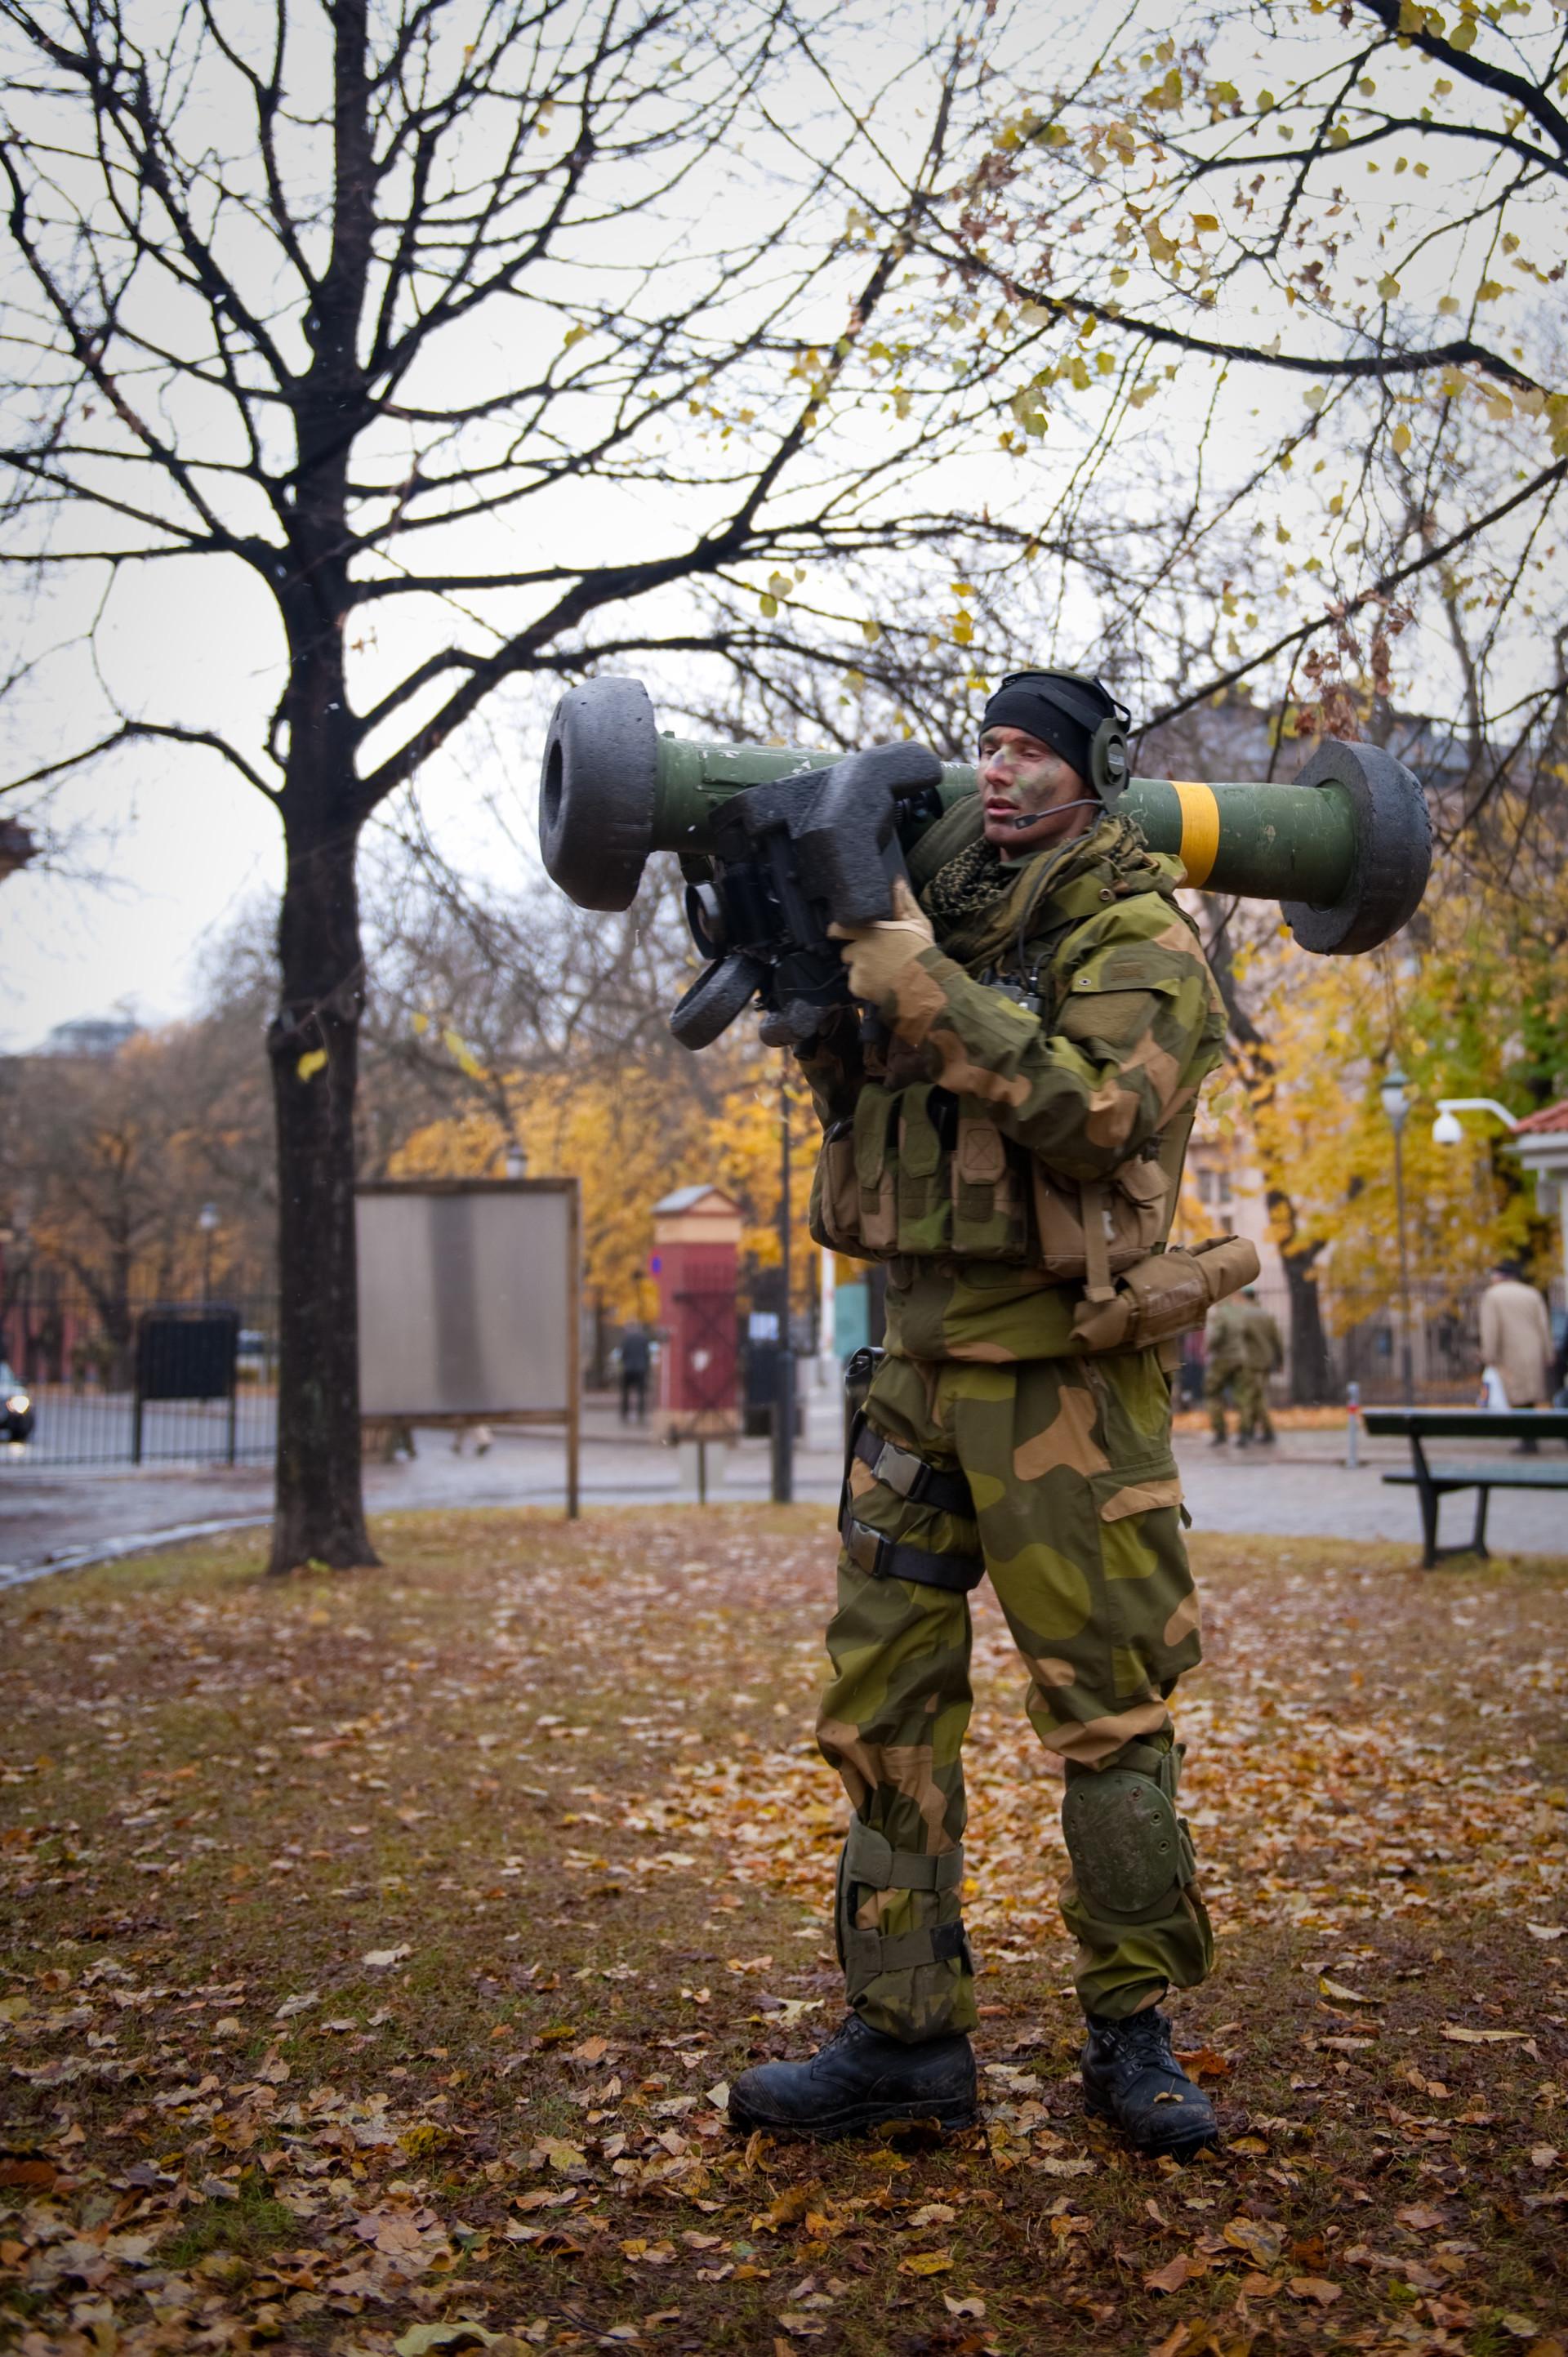 FGM-148 Javelin v opremi norveškega vojaka